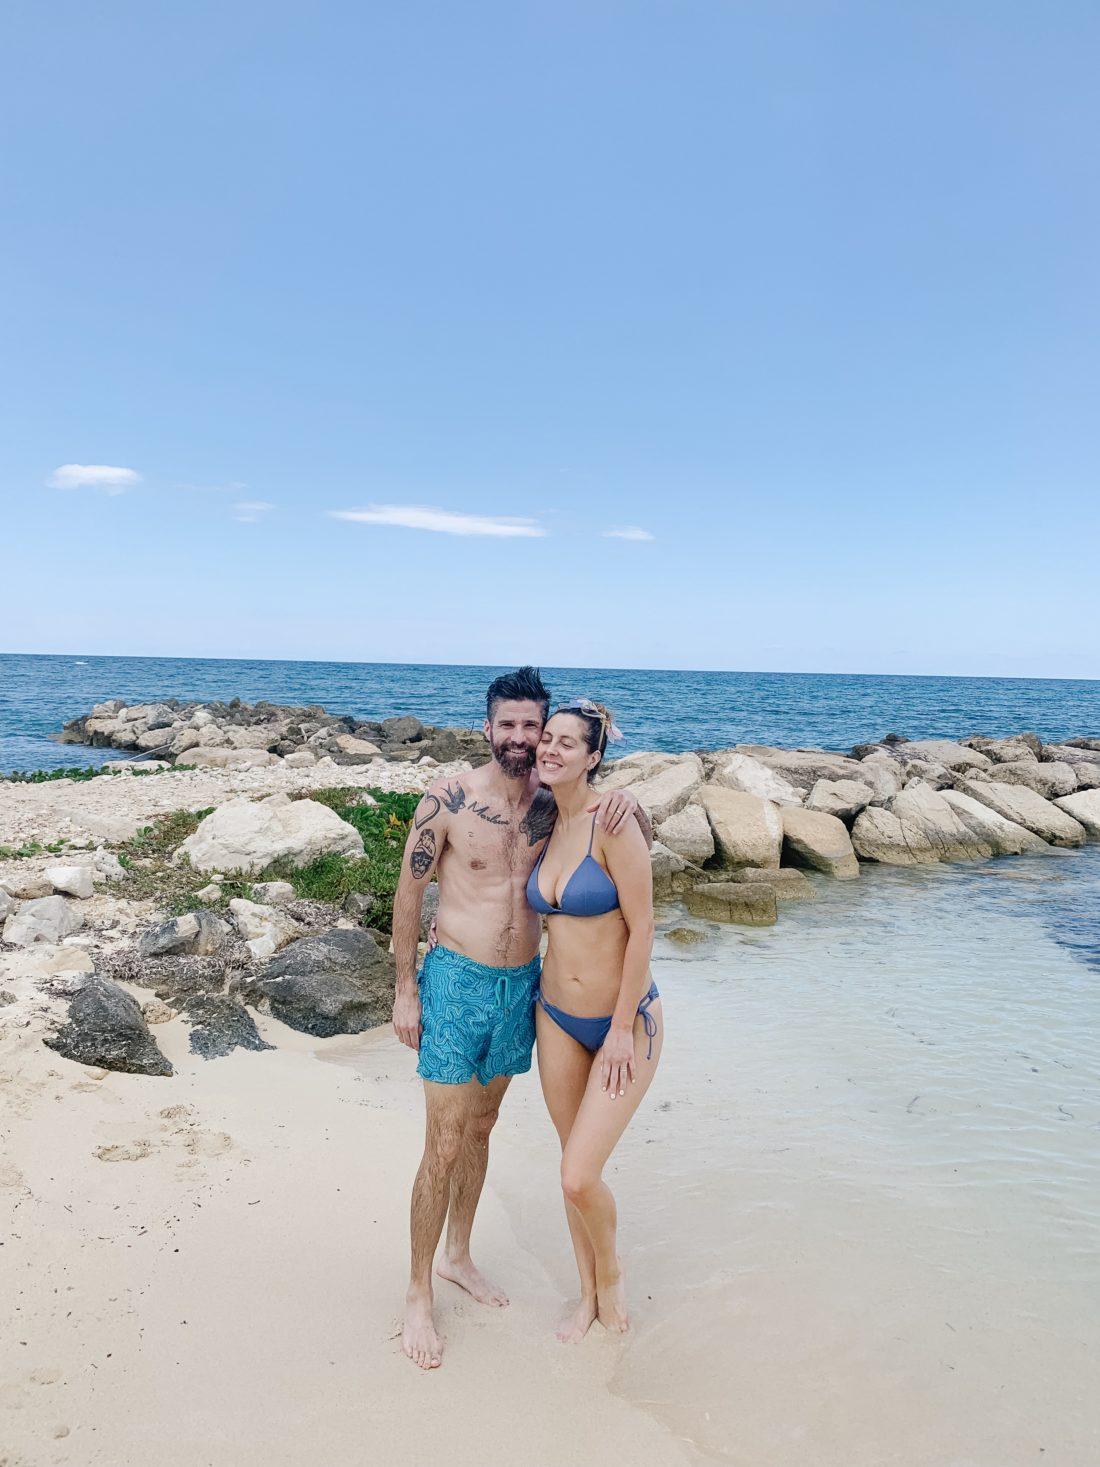 Eva Amurri Martino and her husband Kyle enjoy their family trip to Jamaica